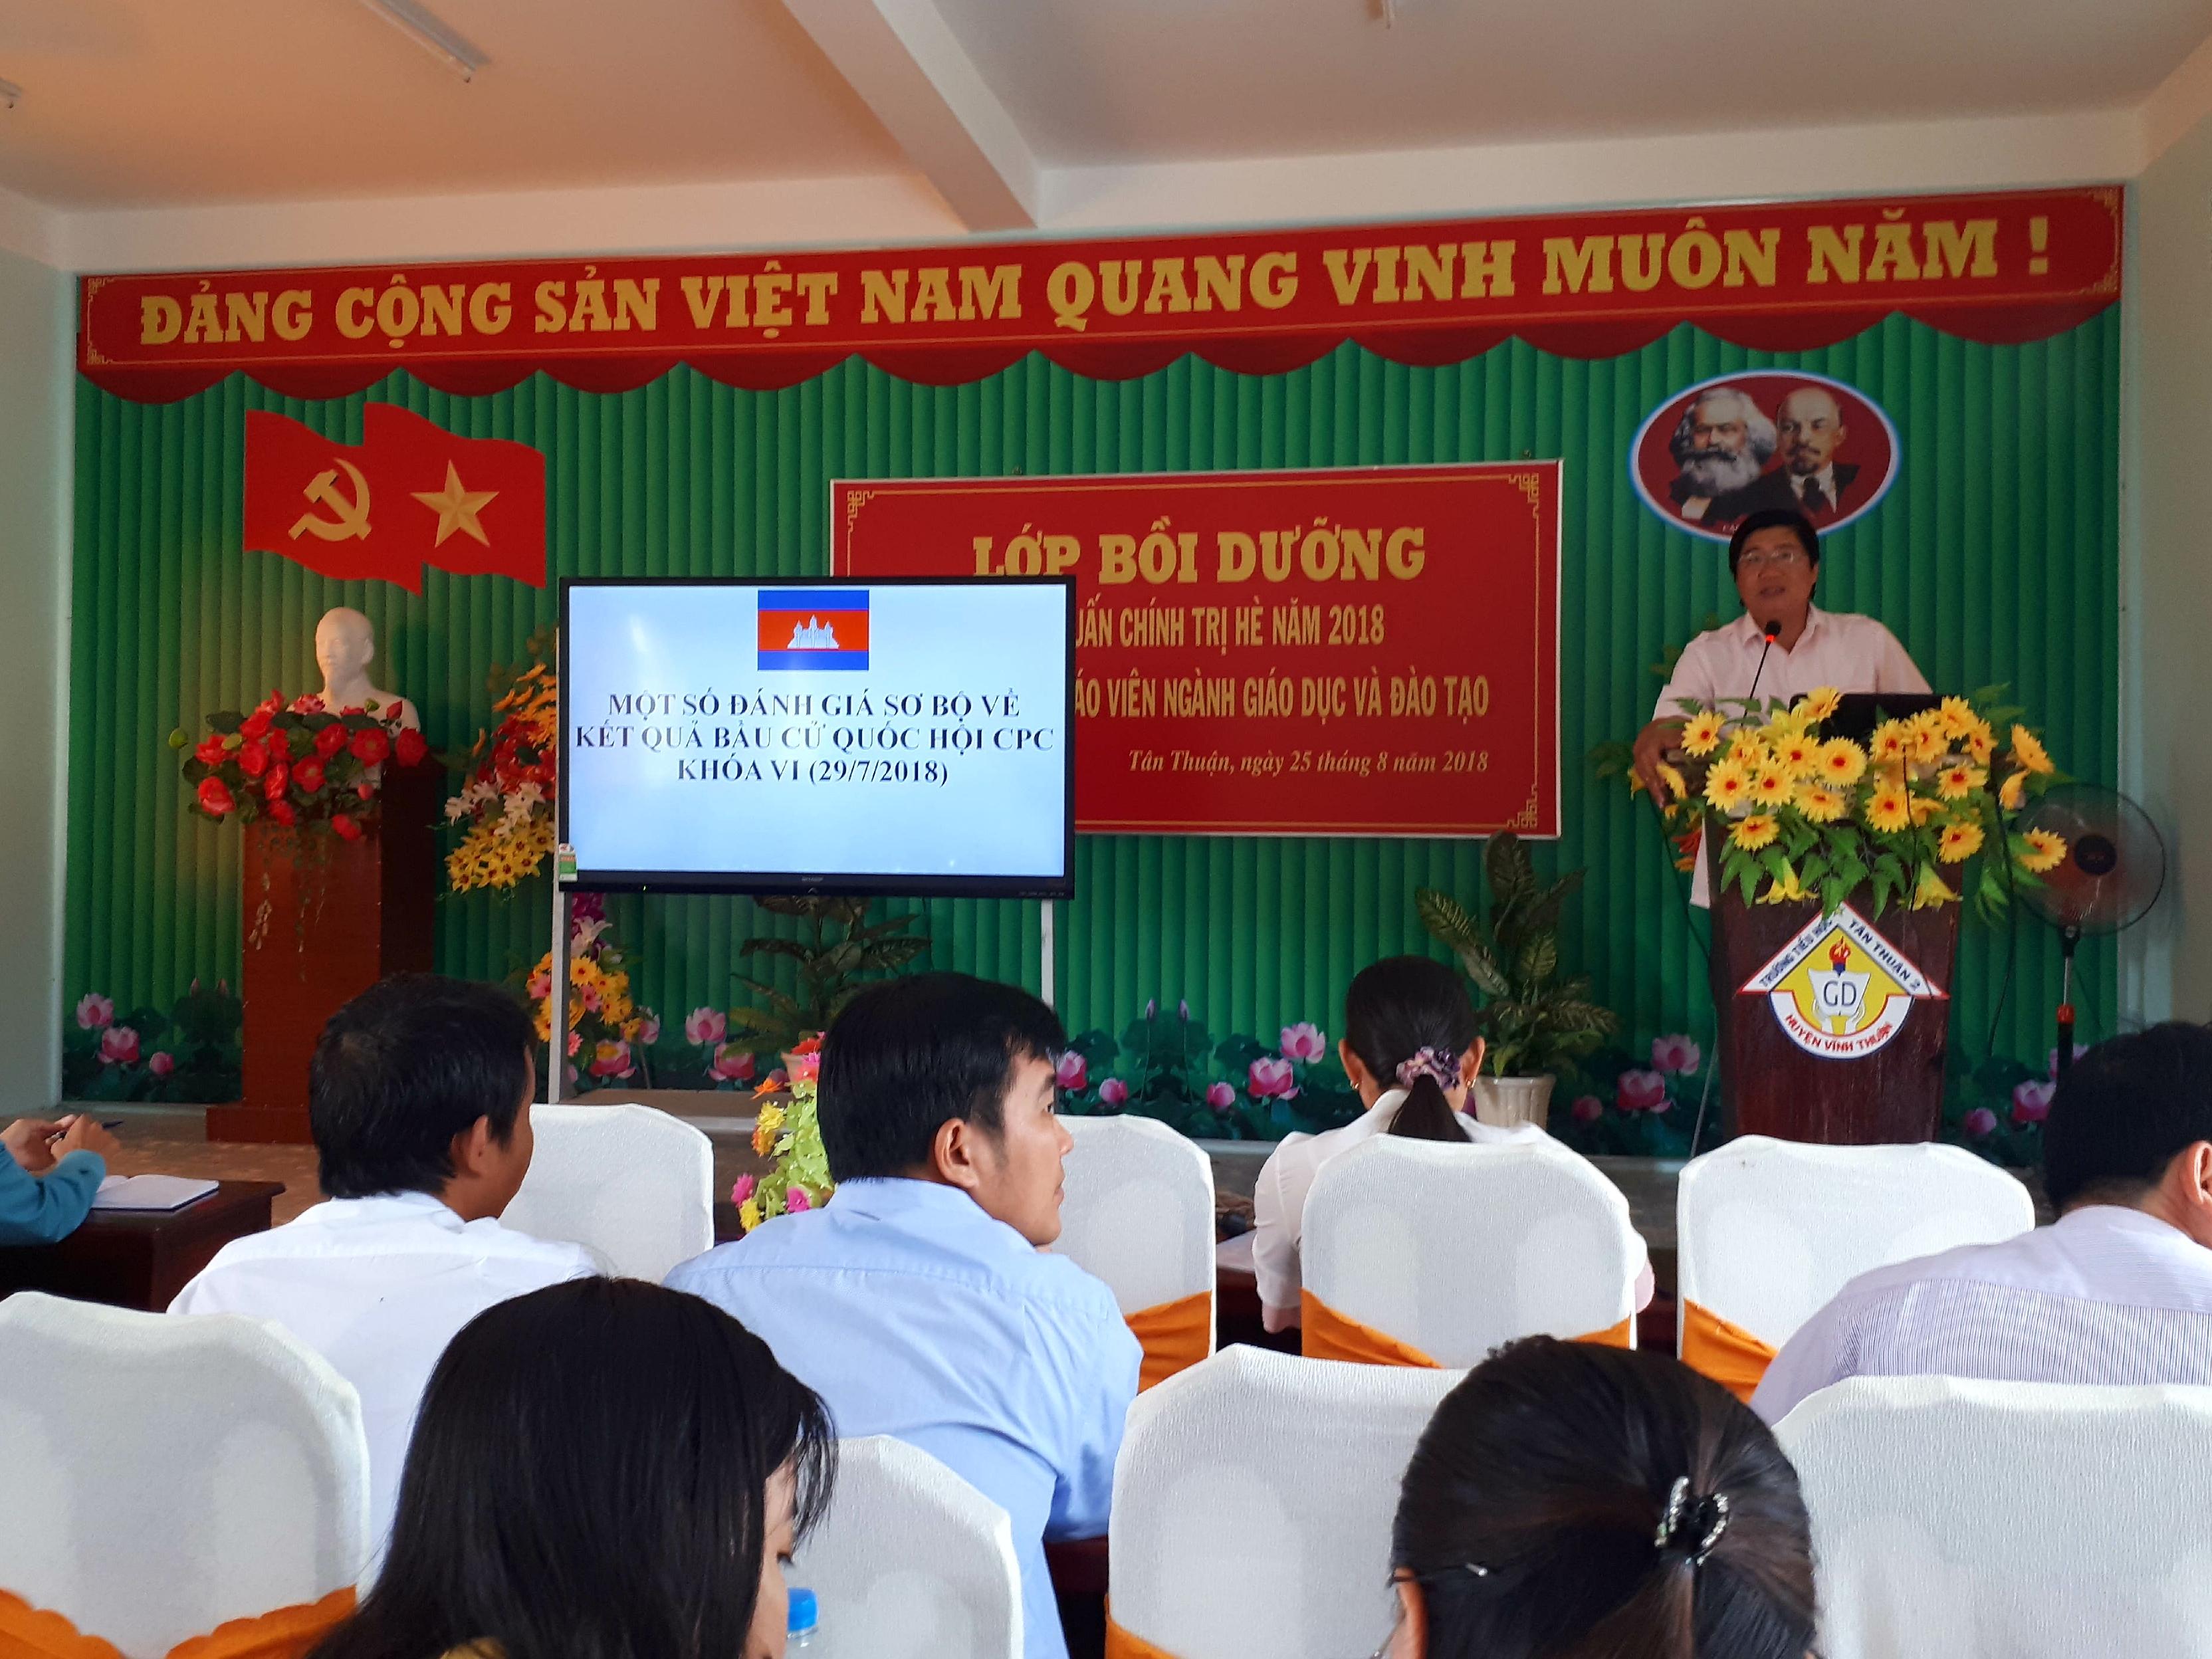 Sáng 7h30 ngày 26/8/2018 Đ/c Võ Thanh Xuân triển khai lớp bồi dưỡng chính trị hè cho CB- Gv xã Tân Thuận